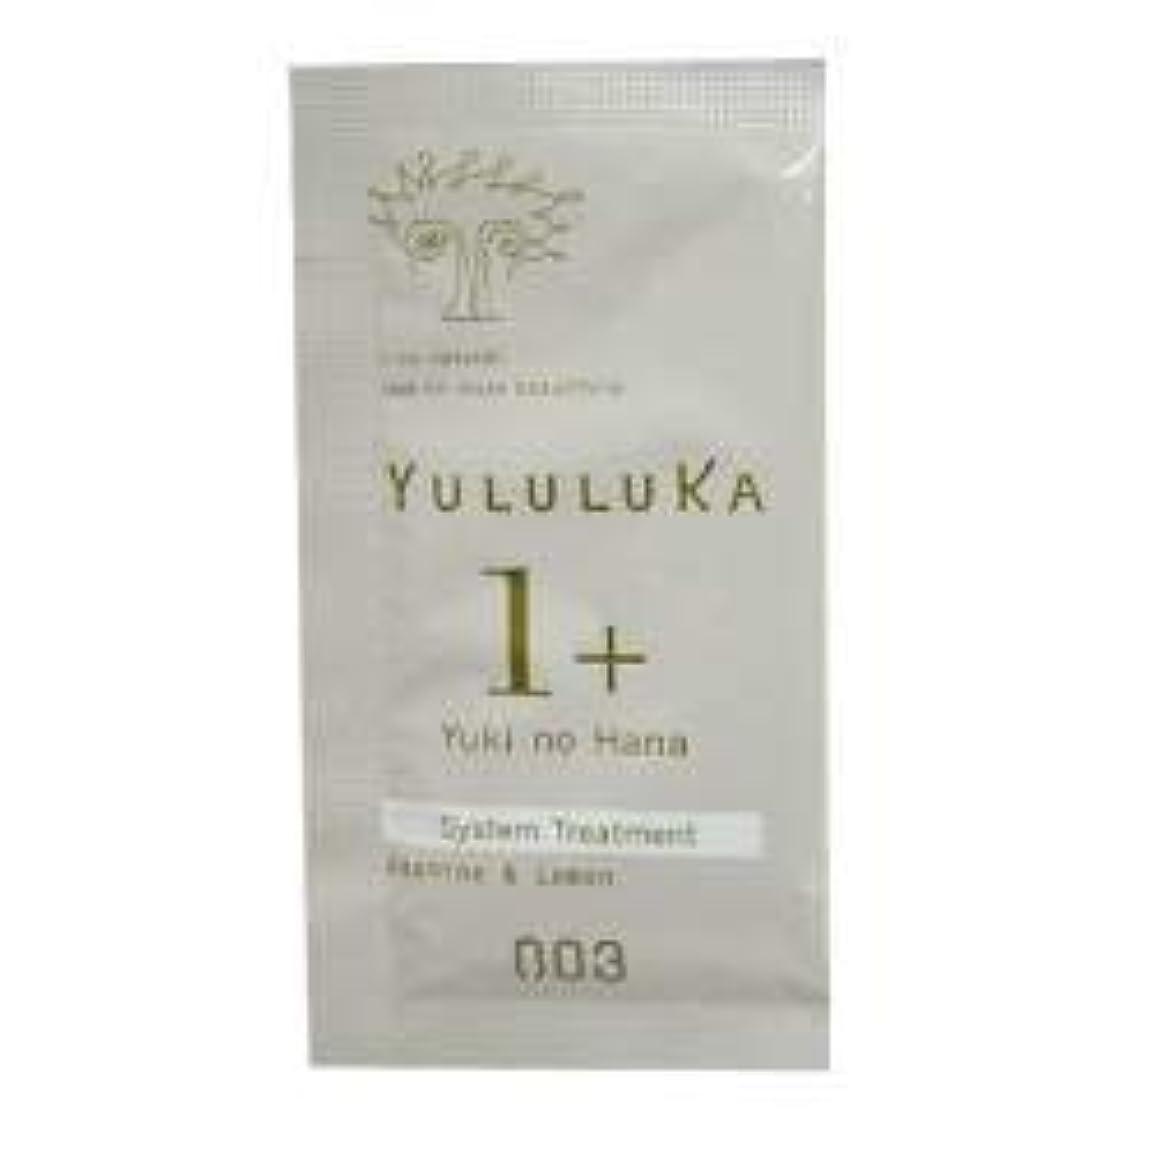 歯痛打倒絶えずユルルカ ユキノハナ 1+フローラル<ヘアトリートメント>(5g) 3個セット